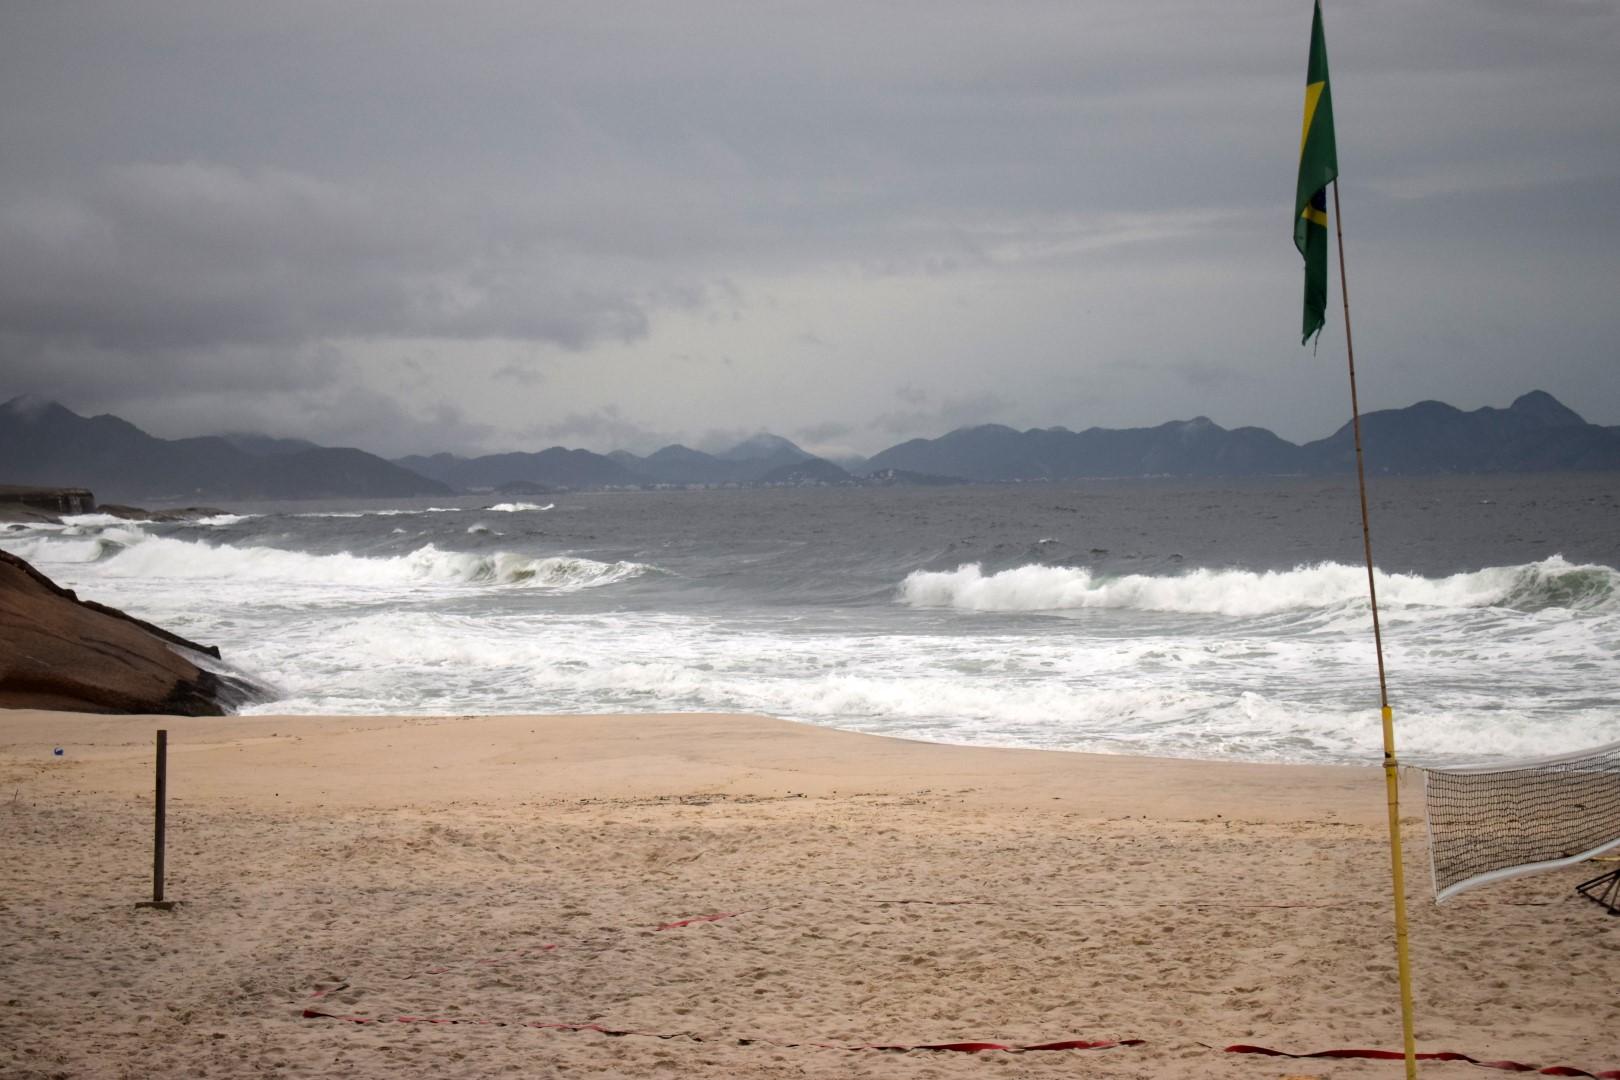 Praia do Diabo, Ipanema, Rio de Janeiro